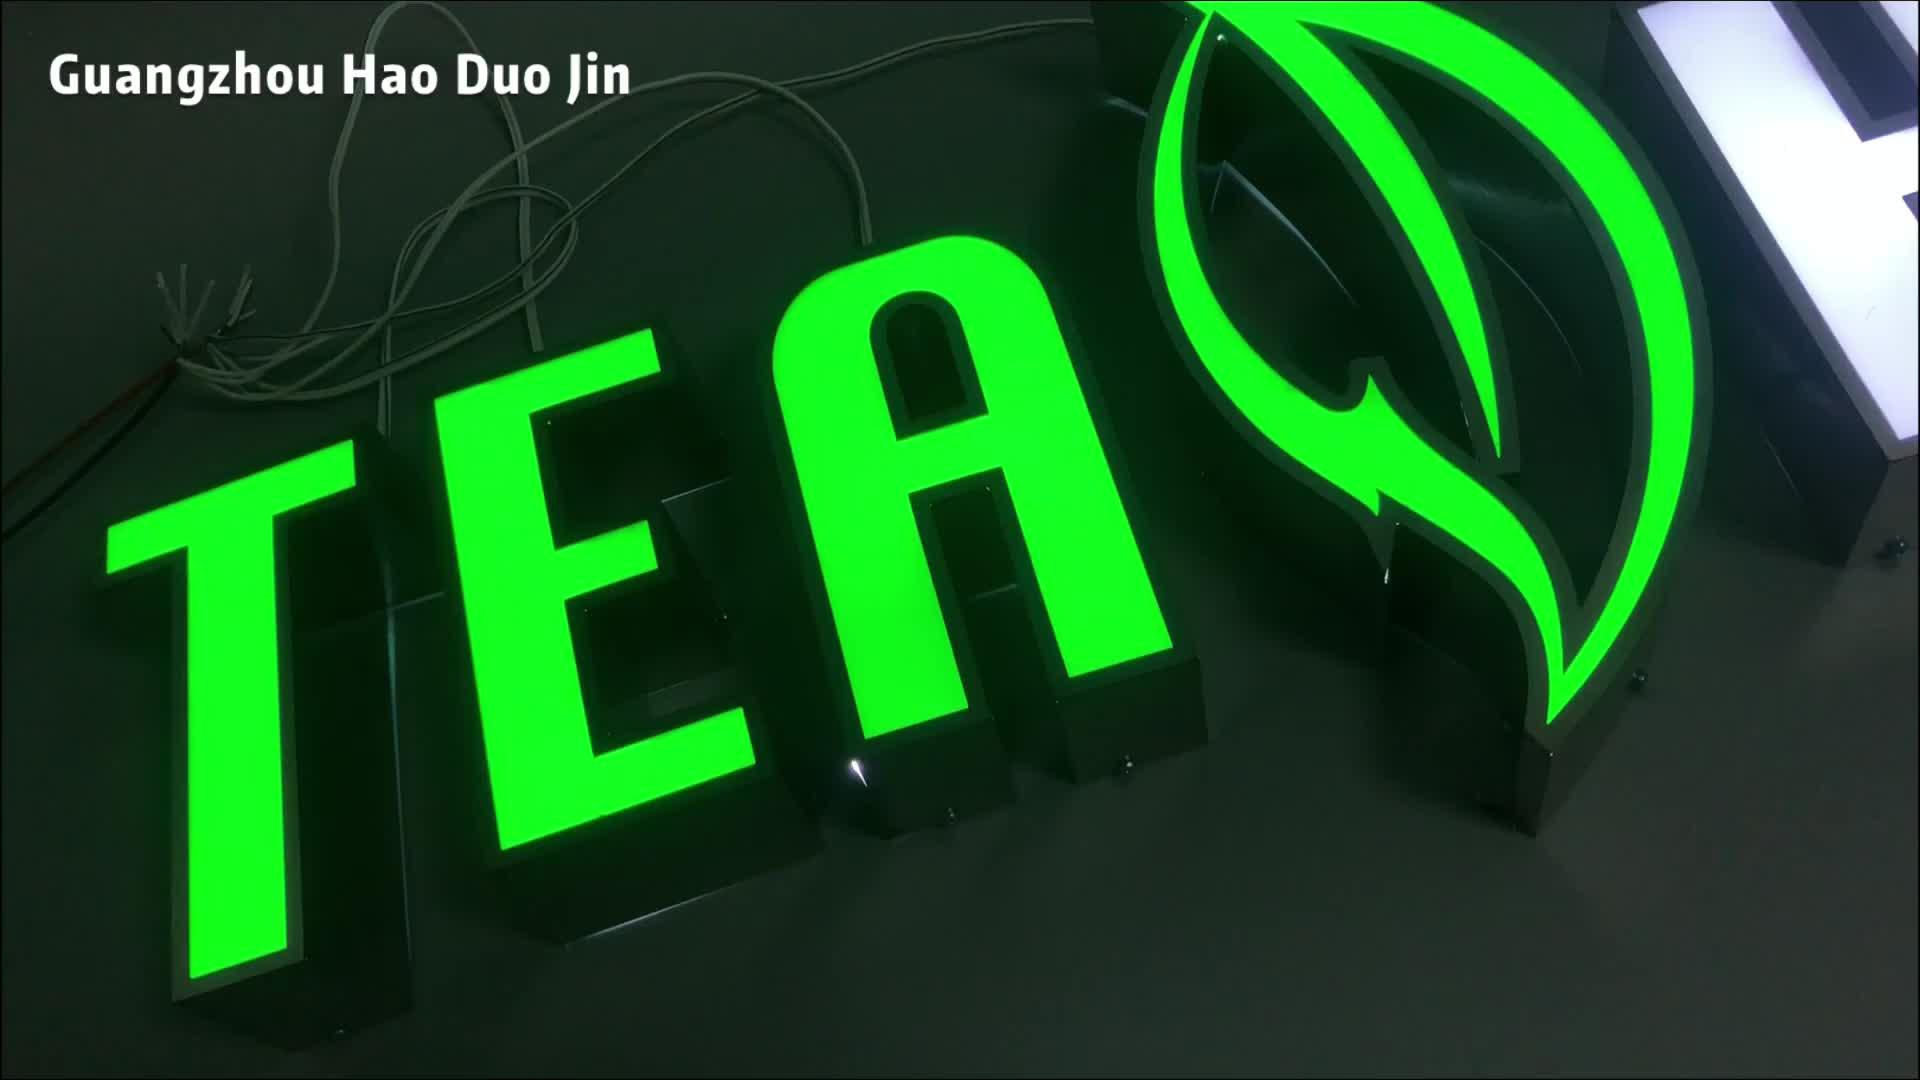 Dimensional Big Letters Signage Boundless Aluminum Blister Light Bangkok Sign Manufacture Led Letter Sign